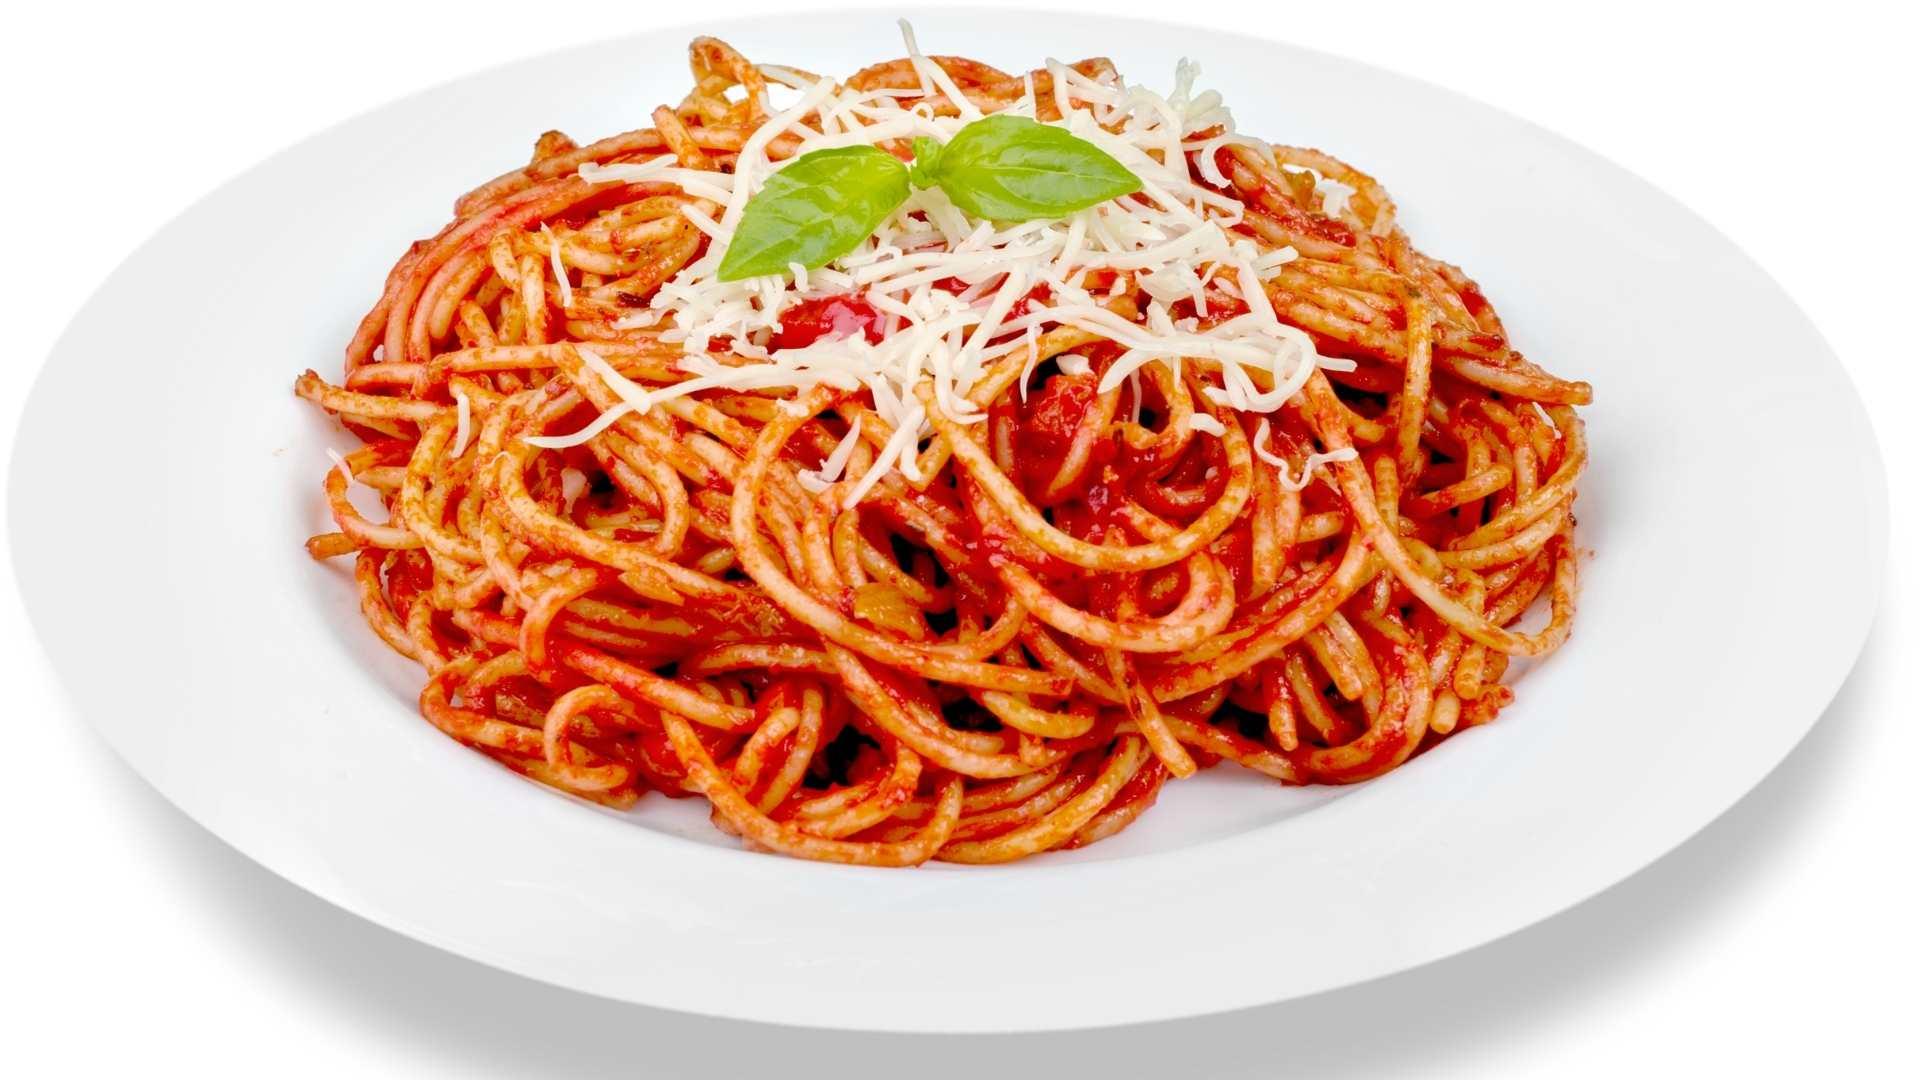 Receita de Spaghetti com tomate fresco, azeitona e alho